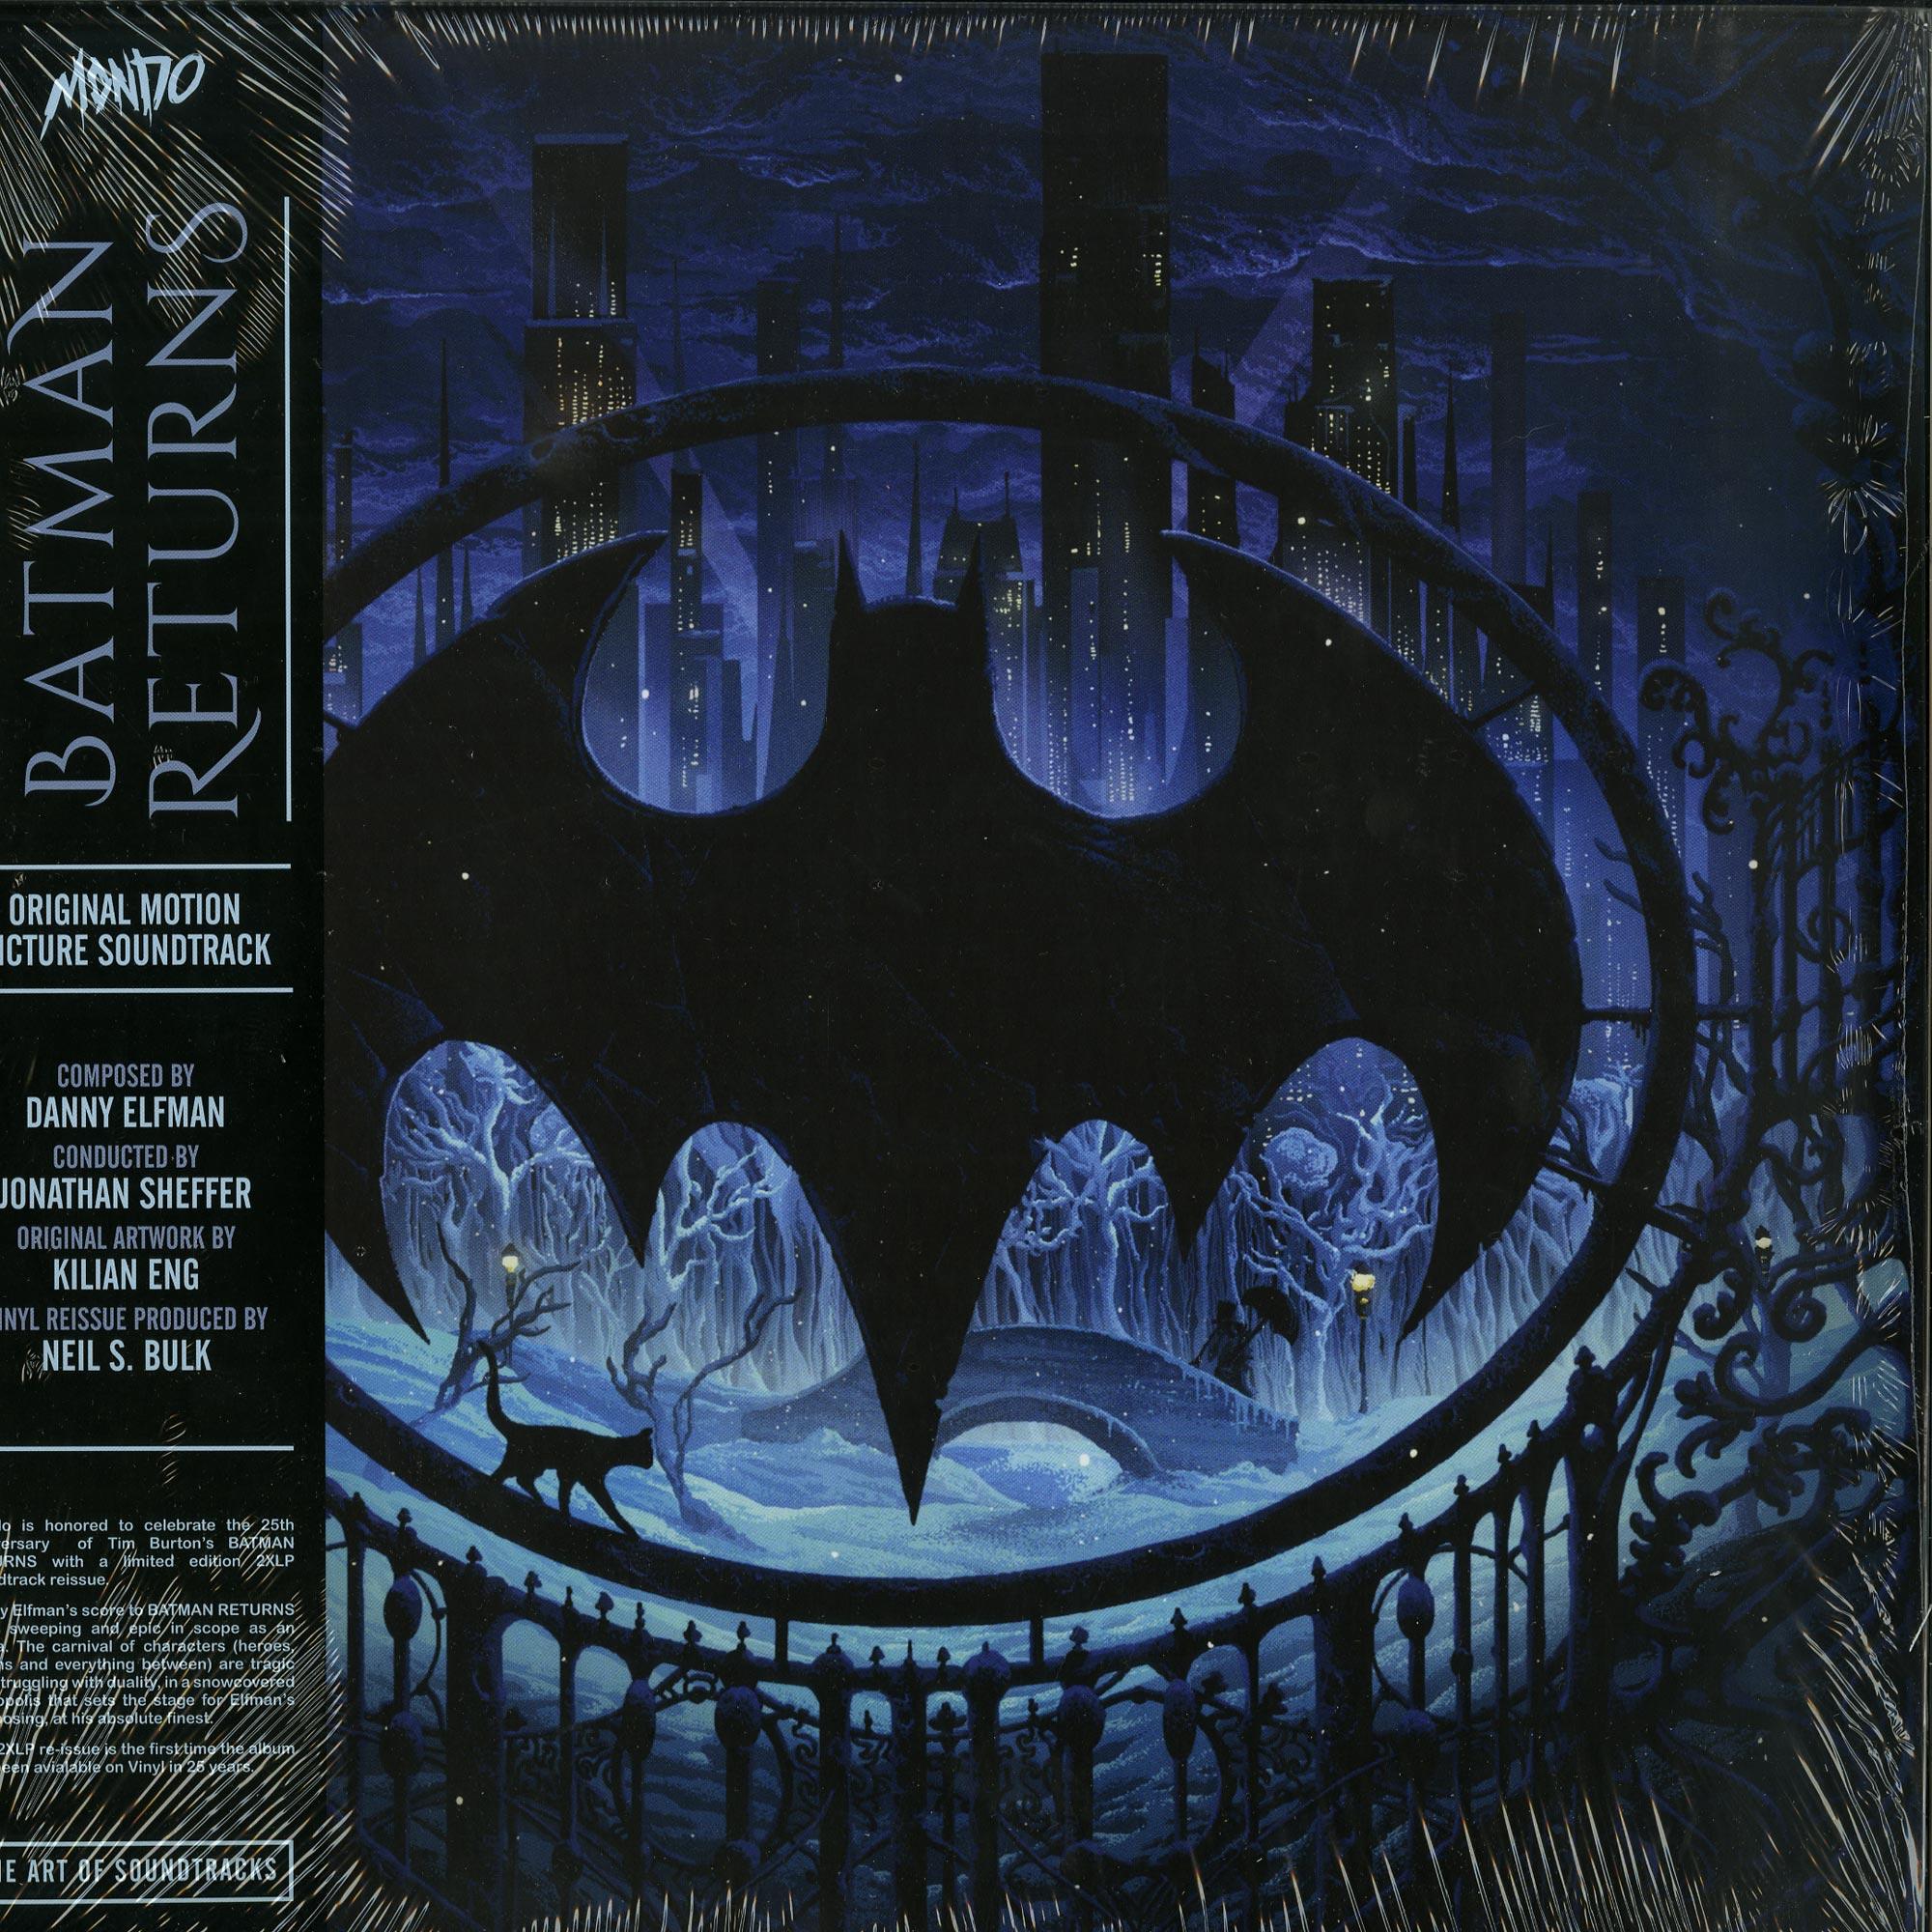 Danny Elfman - BATMAN RETURNS O.S.T.